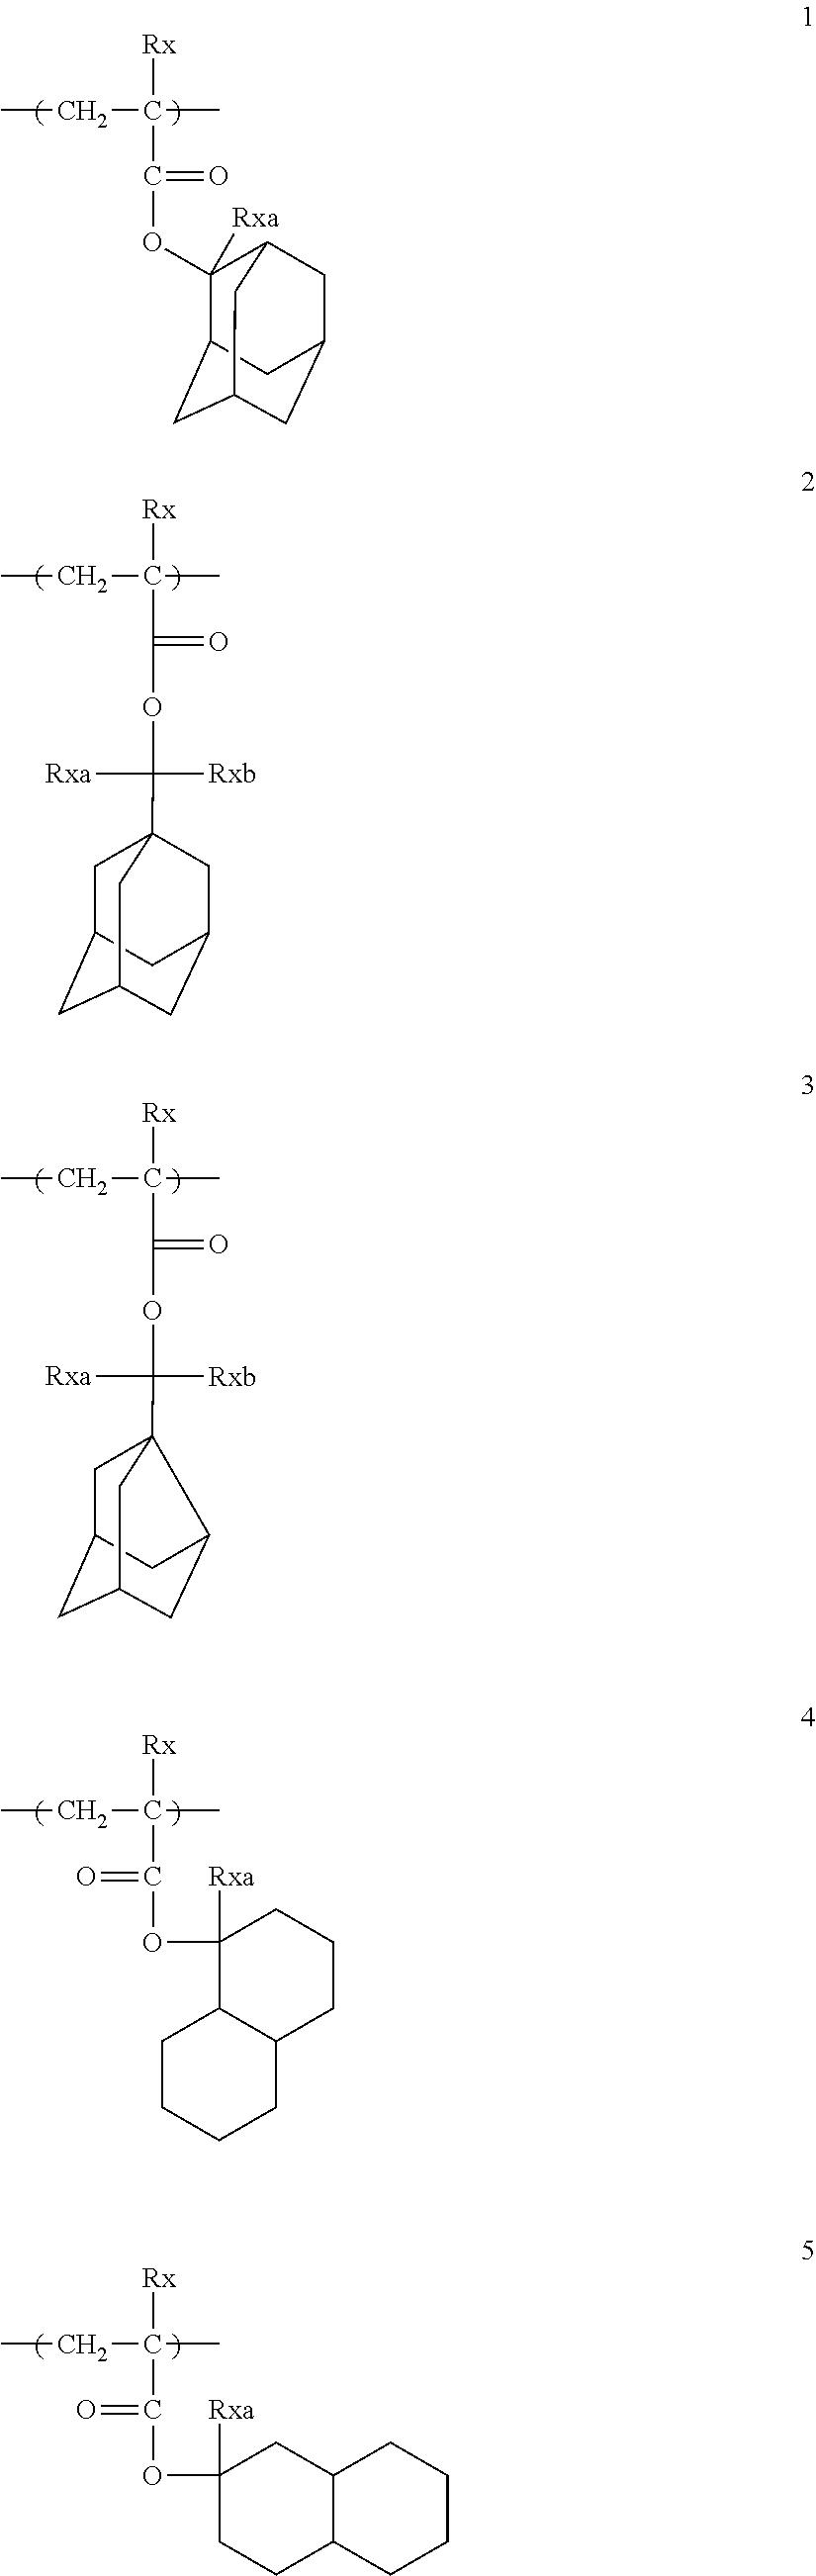 Figure US08476001-20130702-C00014